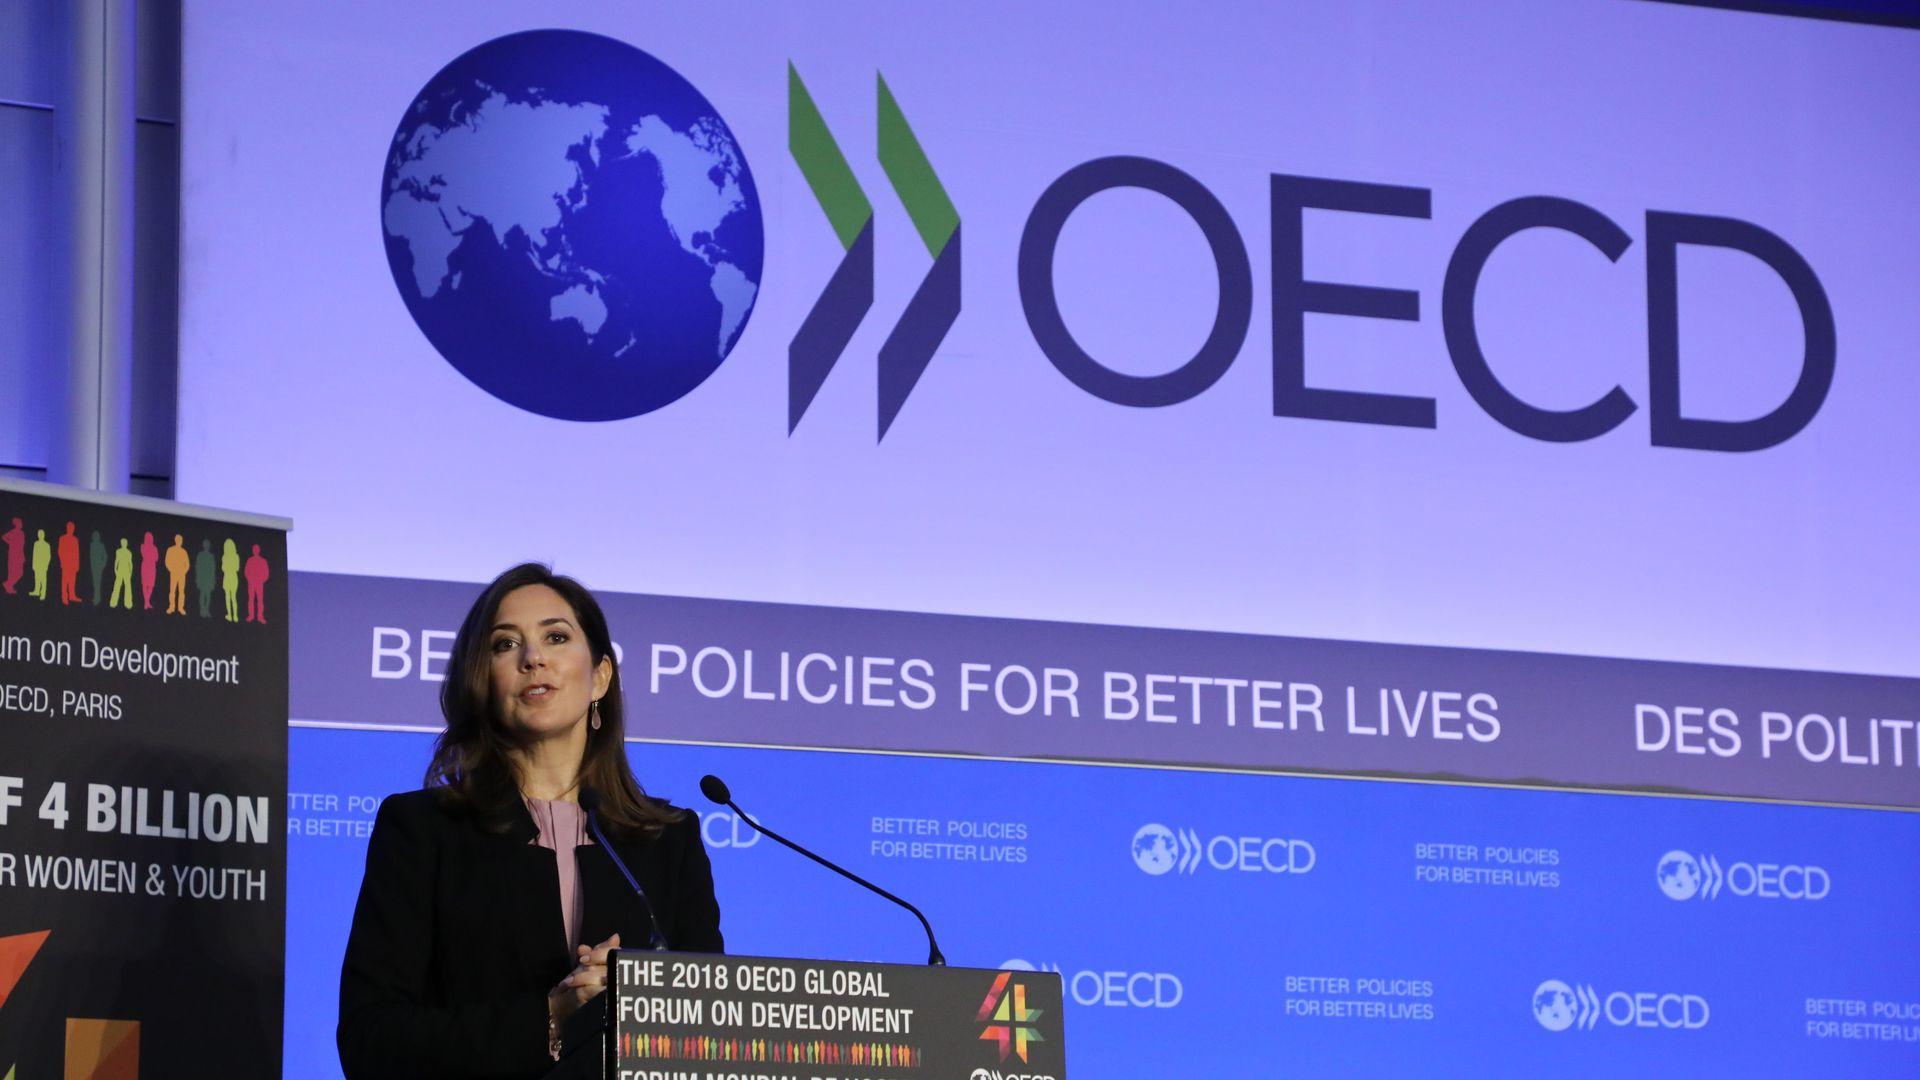 Crown princess of Denmark speaks during OECD forum